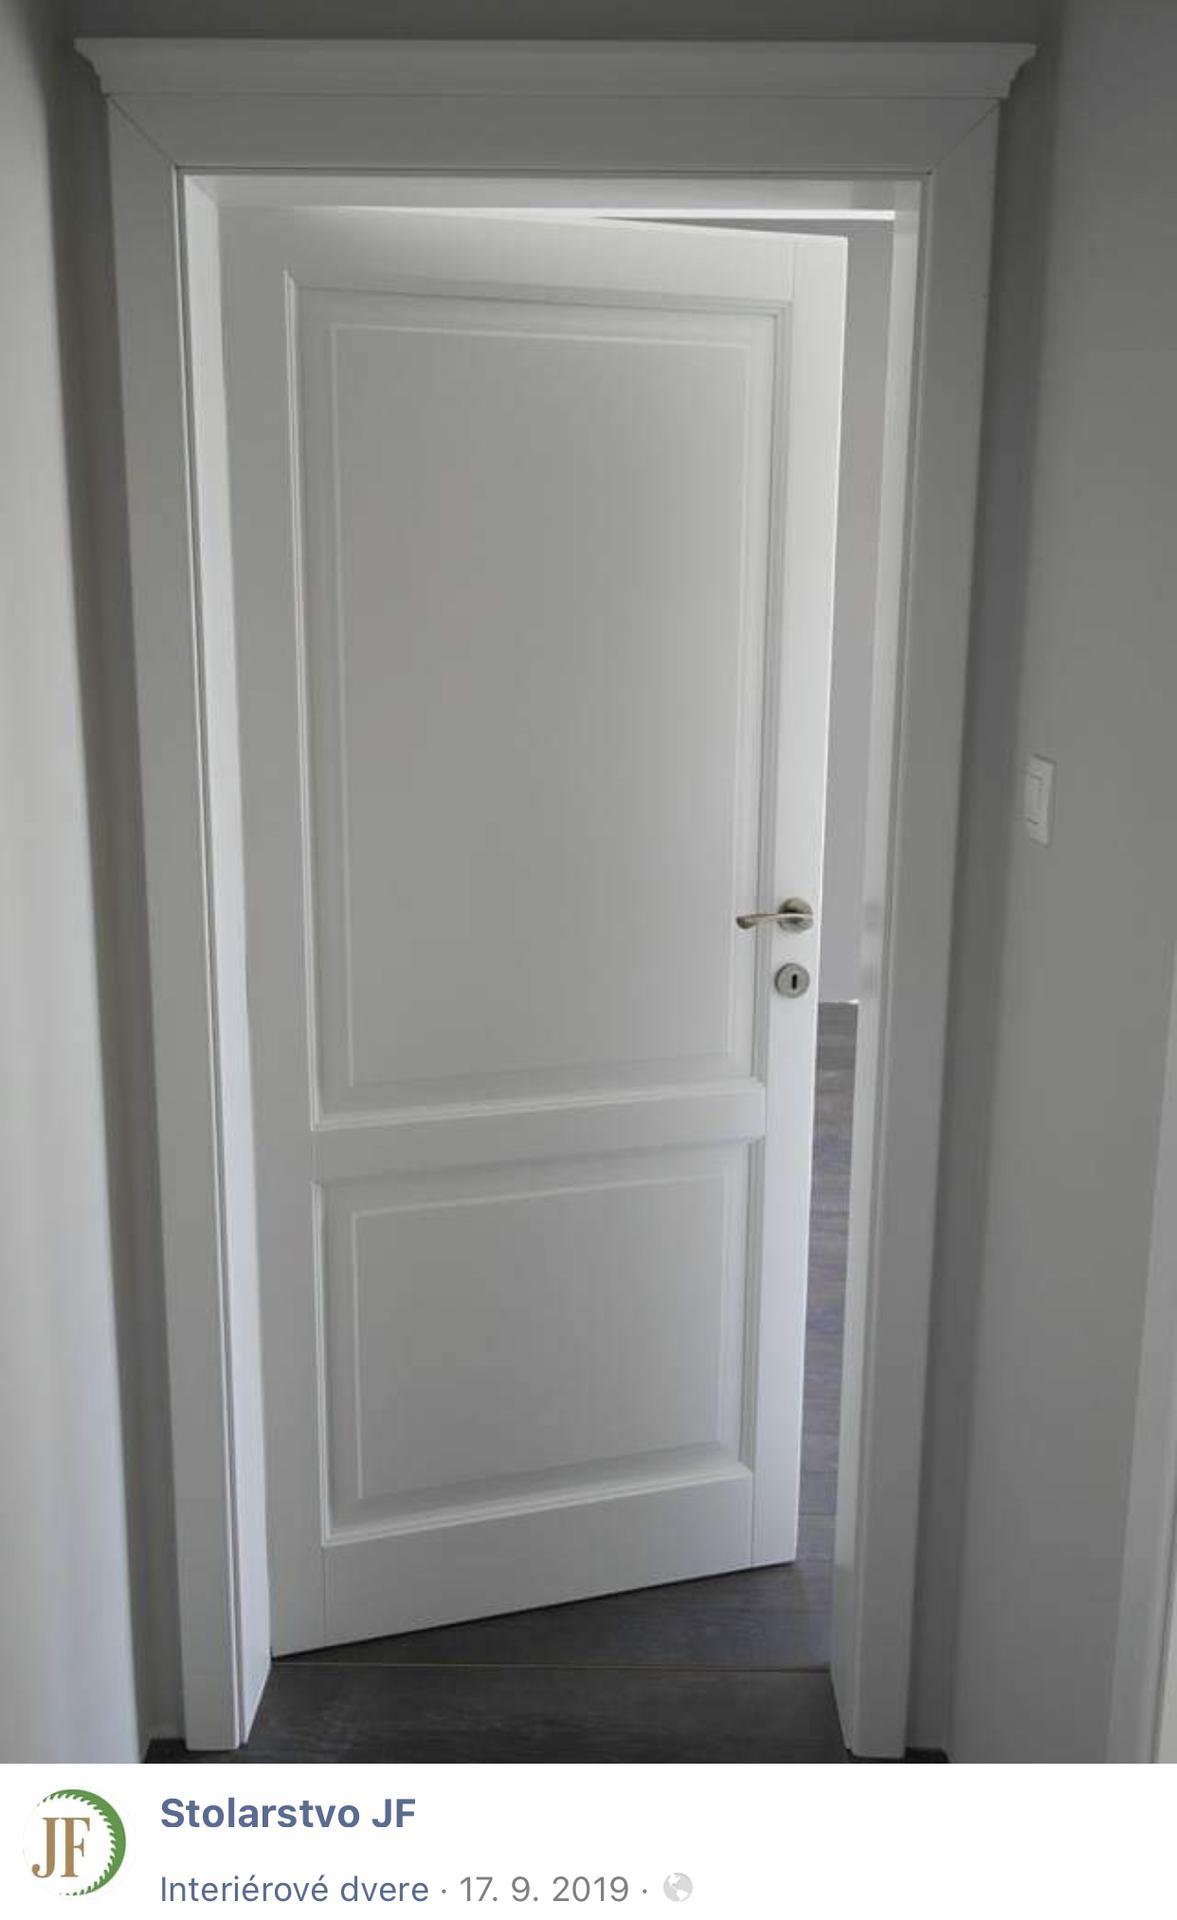 Nákupy do domčeka 🏡 - Konečne by mali doraziť aj interiérové dvere, biely drevený masív ❤️ Stolarstvo JF